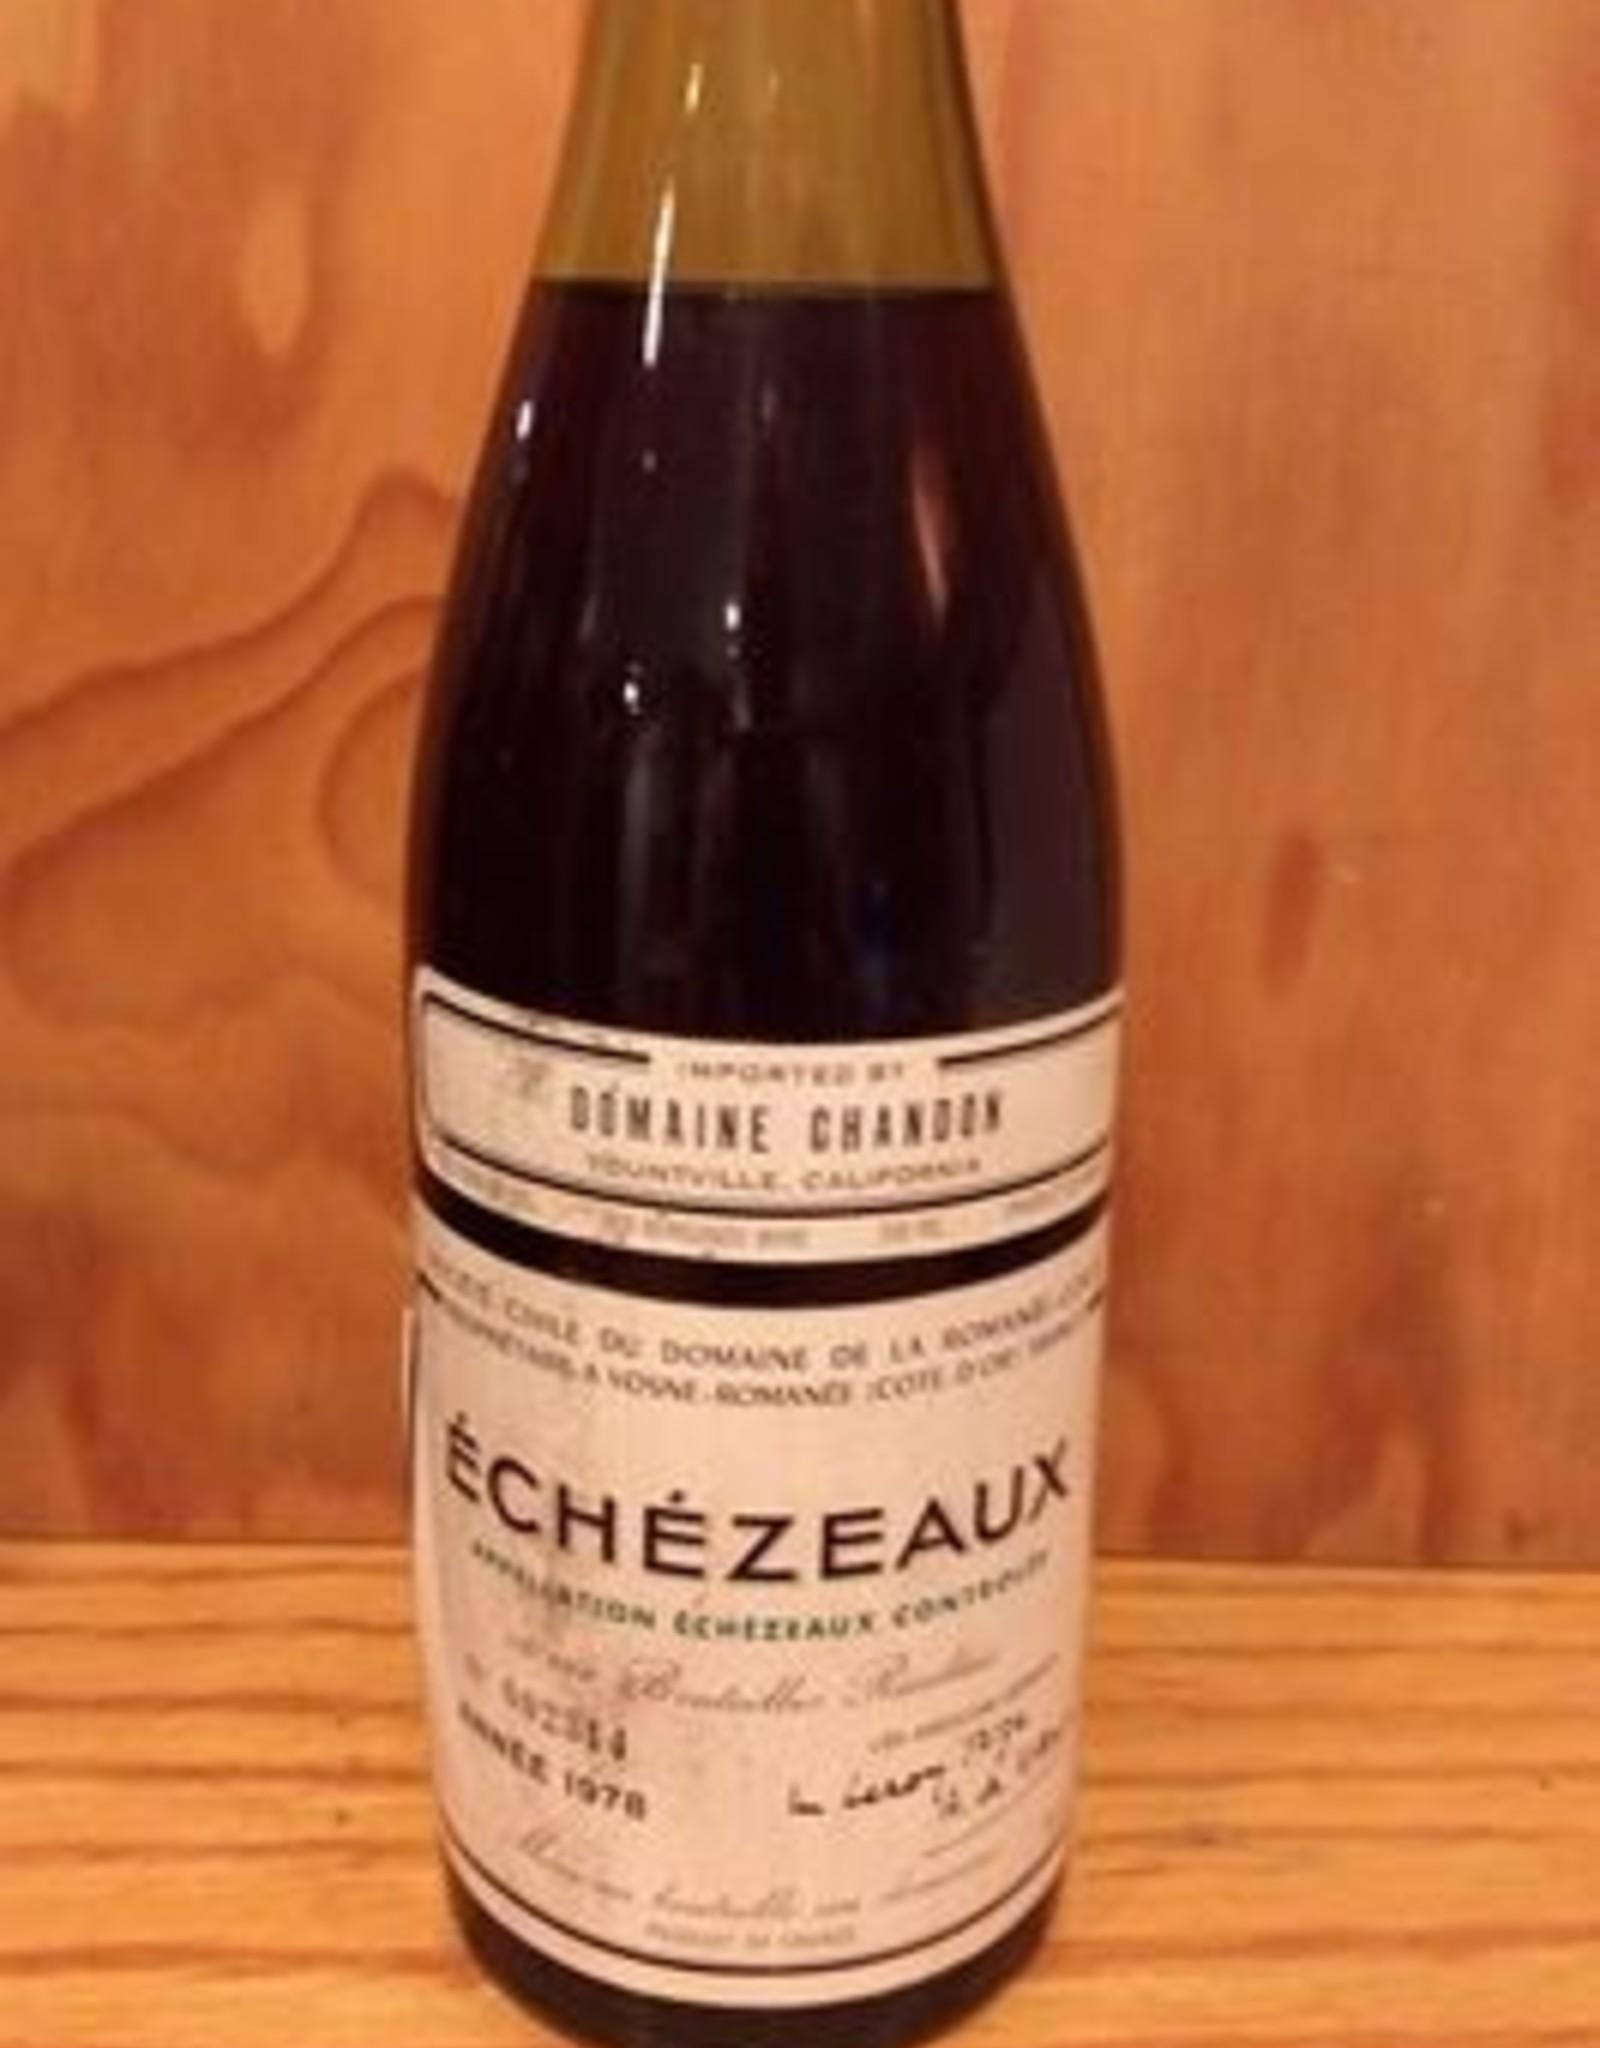 DRC Echezeux 1978 10% Sale